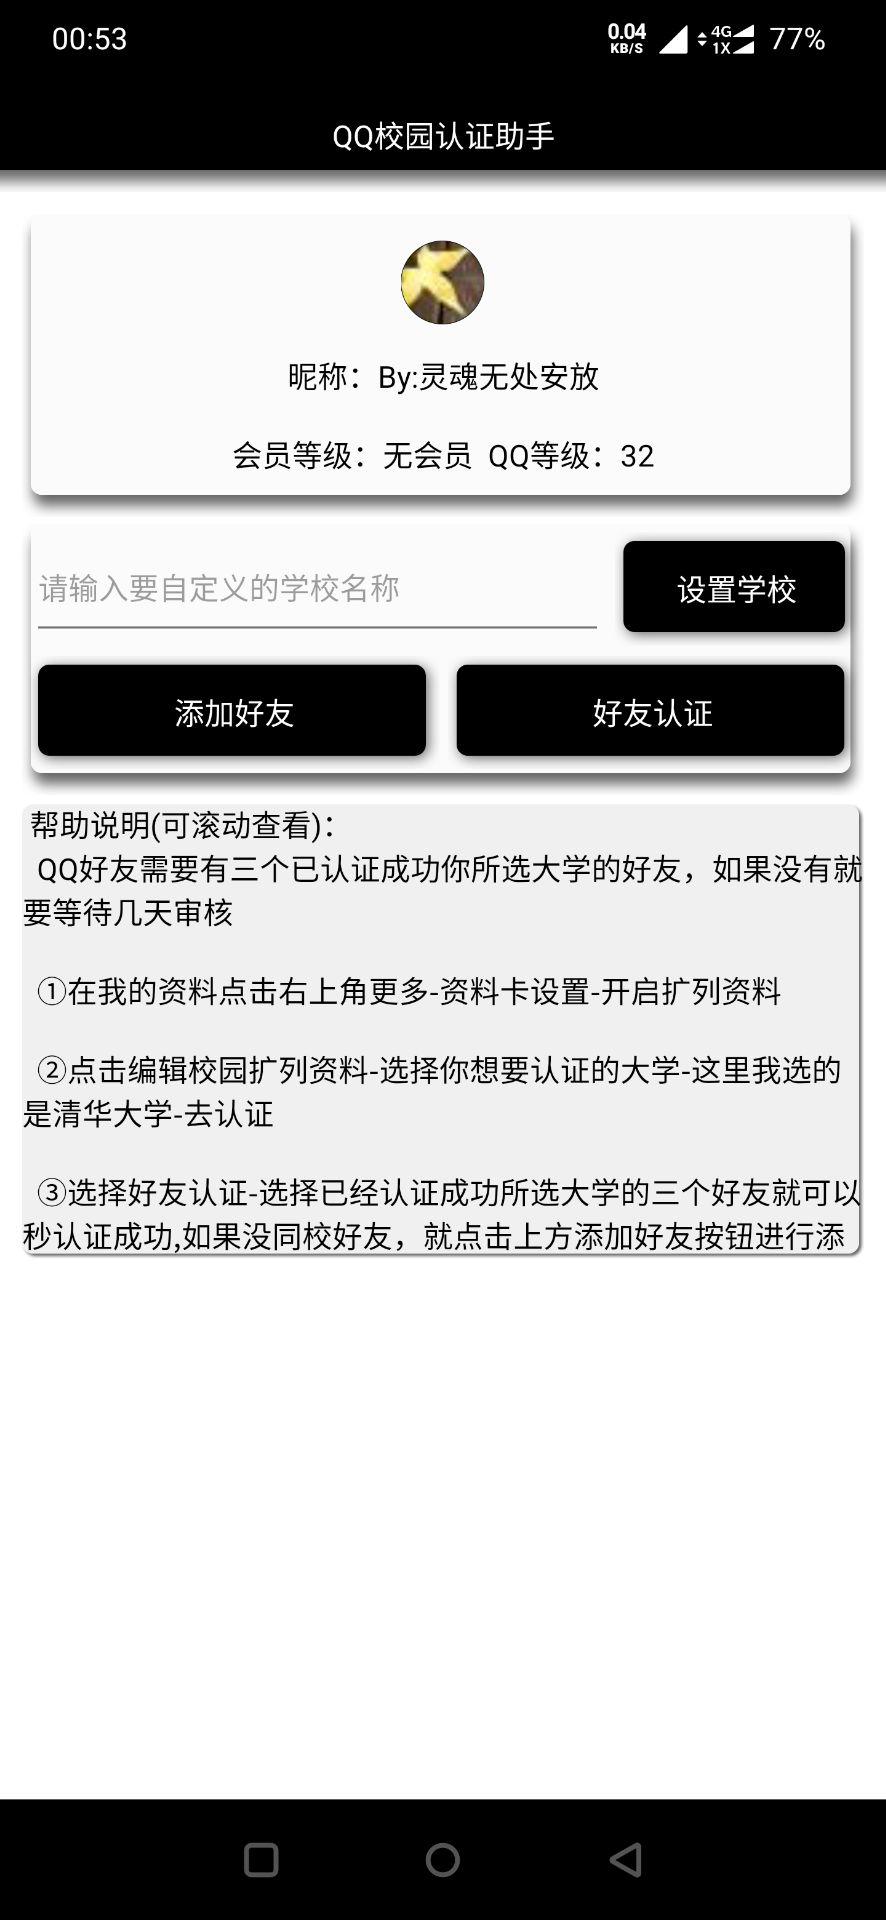 图片[1]-QQ校园认证助手1.0-墨吻博客